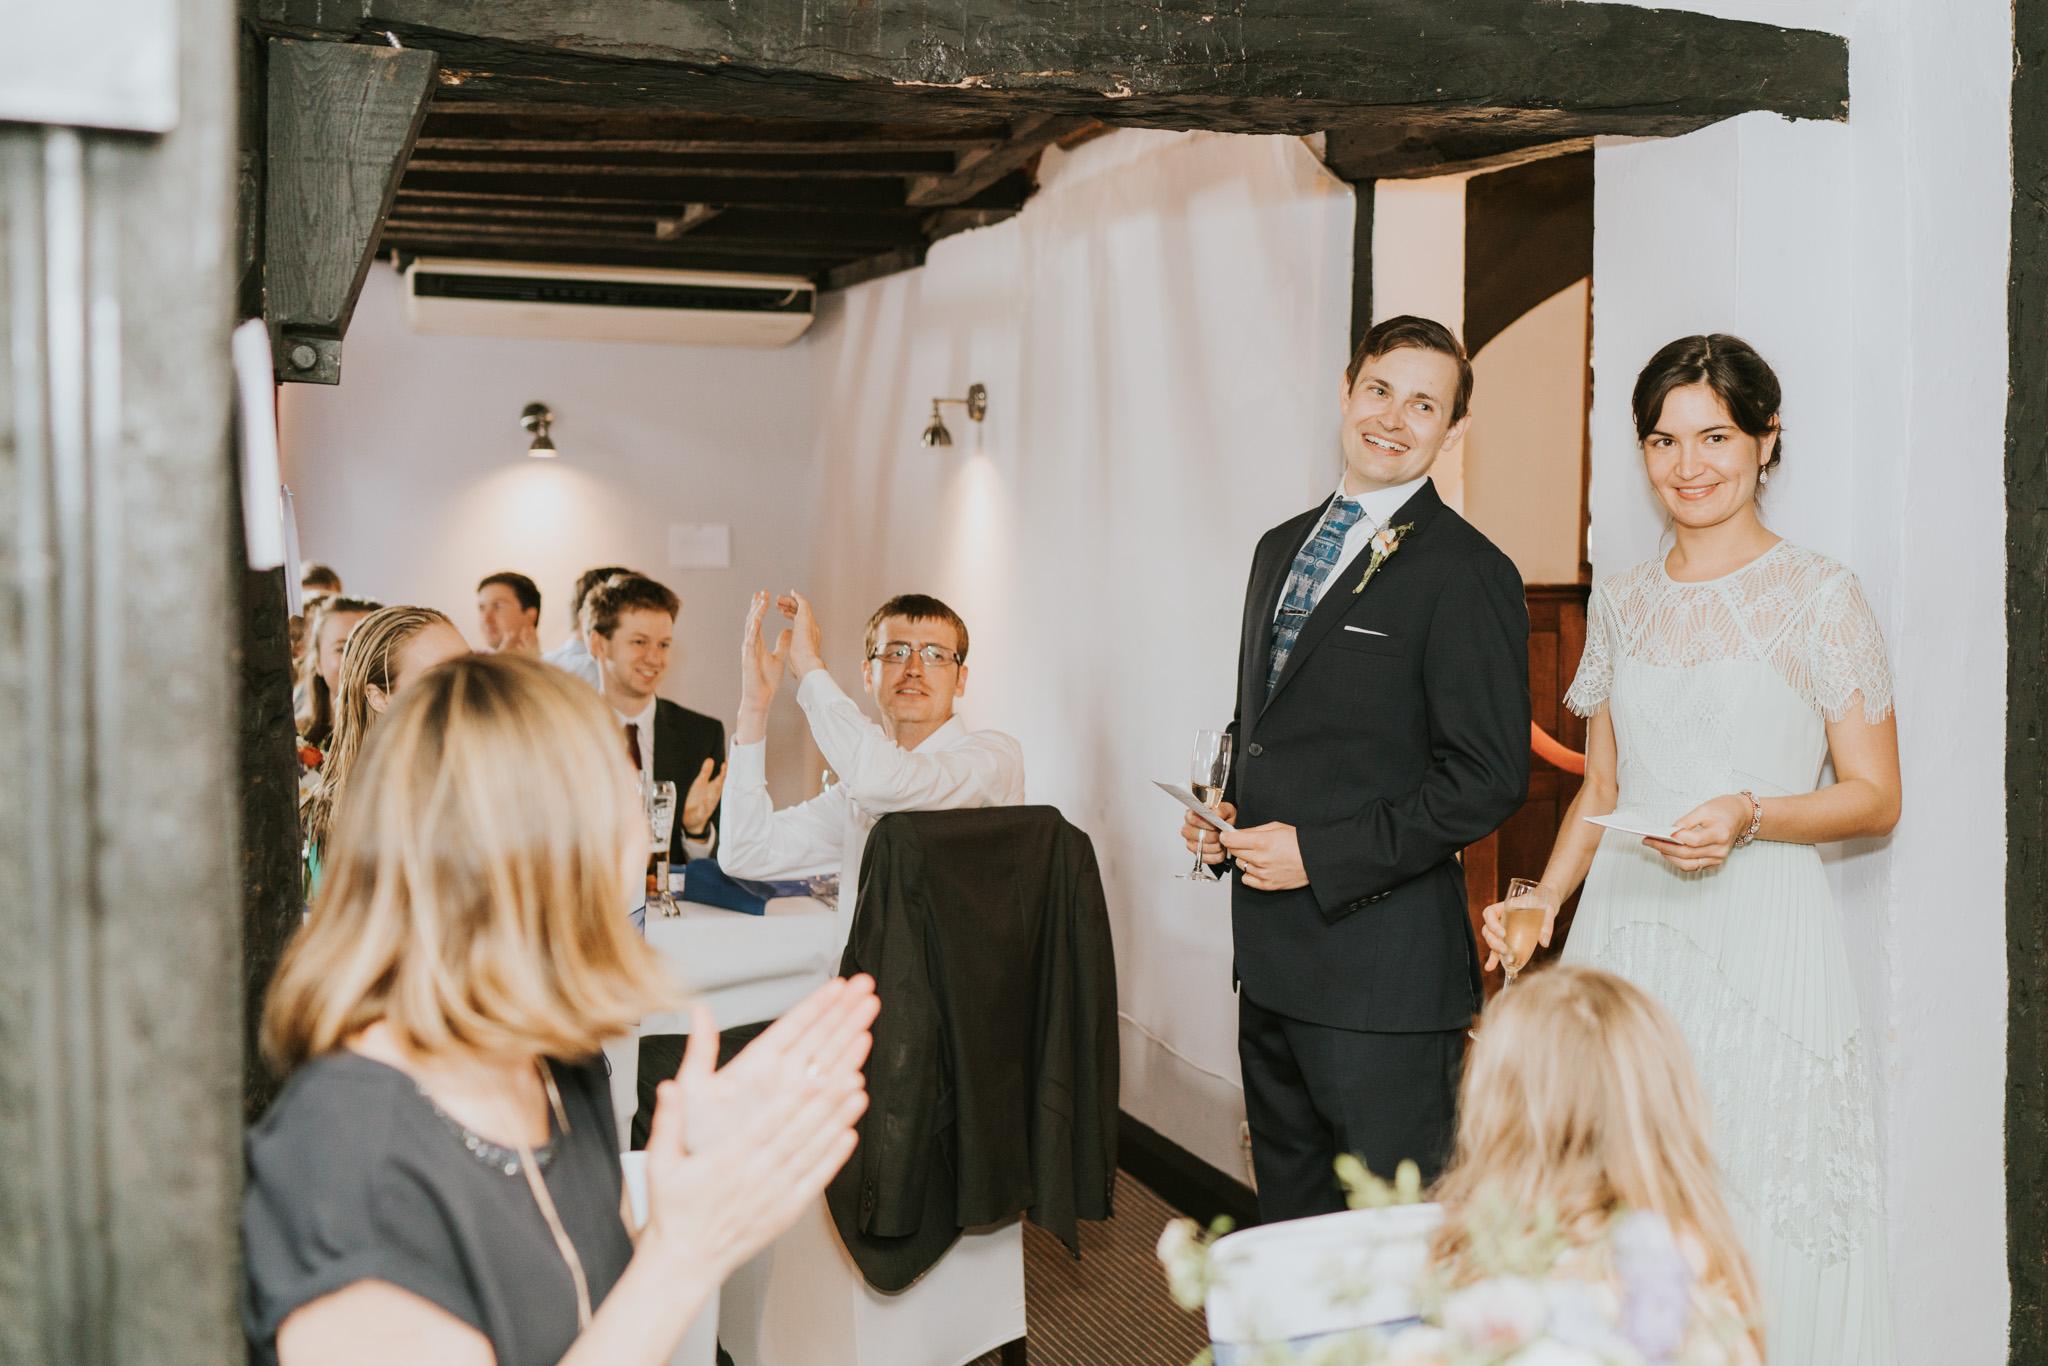 Will-Rhiannon-Art-Deco-Alterative-Essex-Wedding-Suffolk-Grace-Elizabeth-70.jpg